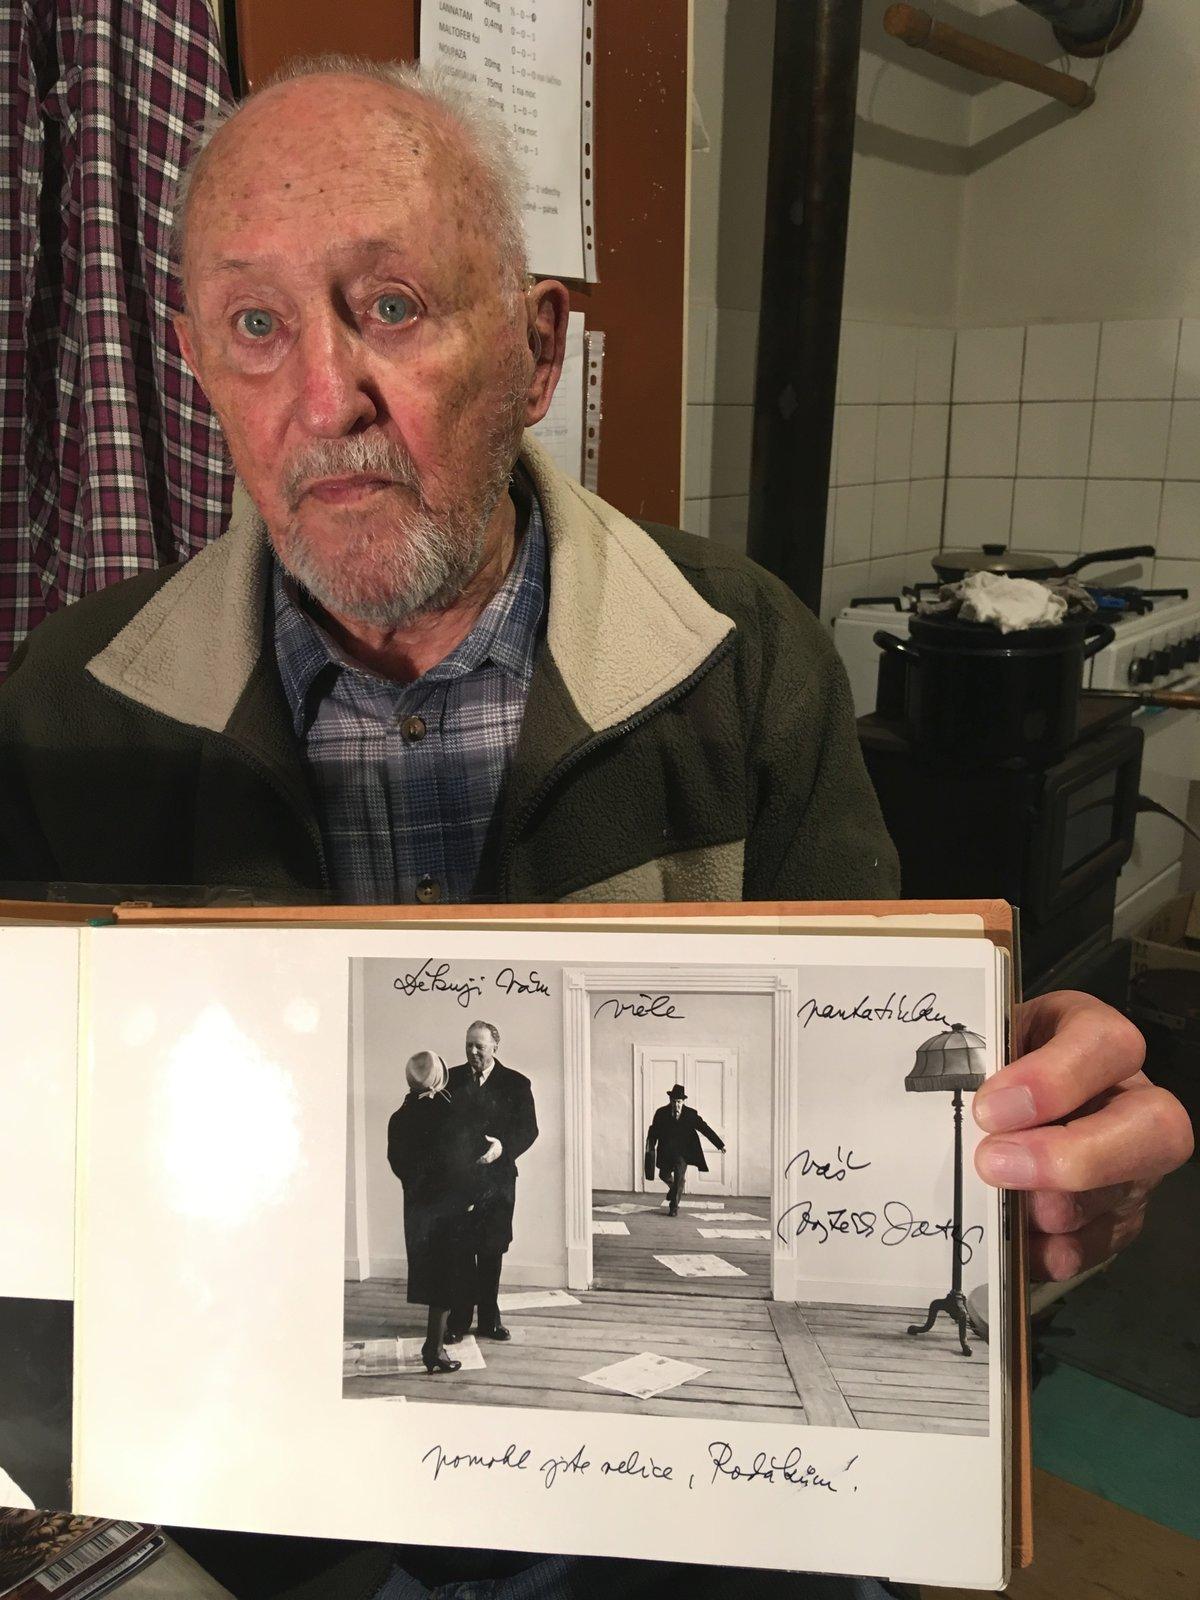 Pamětník Zbyněk Unčovský (89) s fotografií zachycující jeho tátu, velkého ochotníka, v epizodní roli slavného filmu. Režisér Vojtěch Jasný bydlel během natáčení v jejich domě.